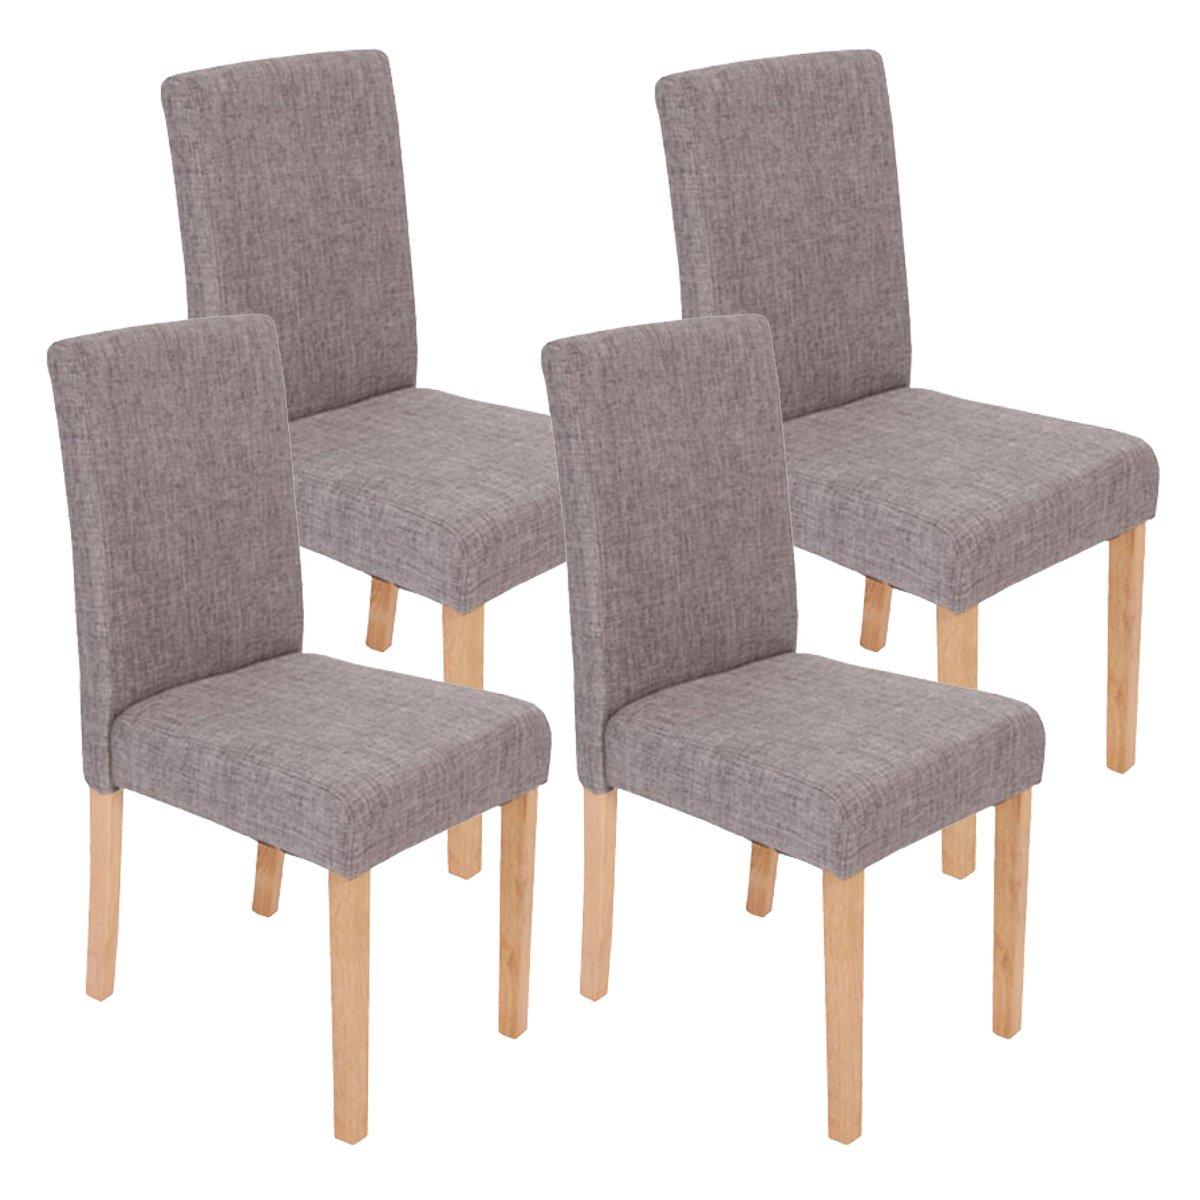 Lote 4 sillas de comedor litau tela precioso dise o tela for Sillas cromadas para comedor